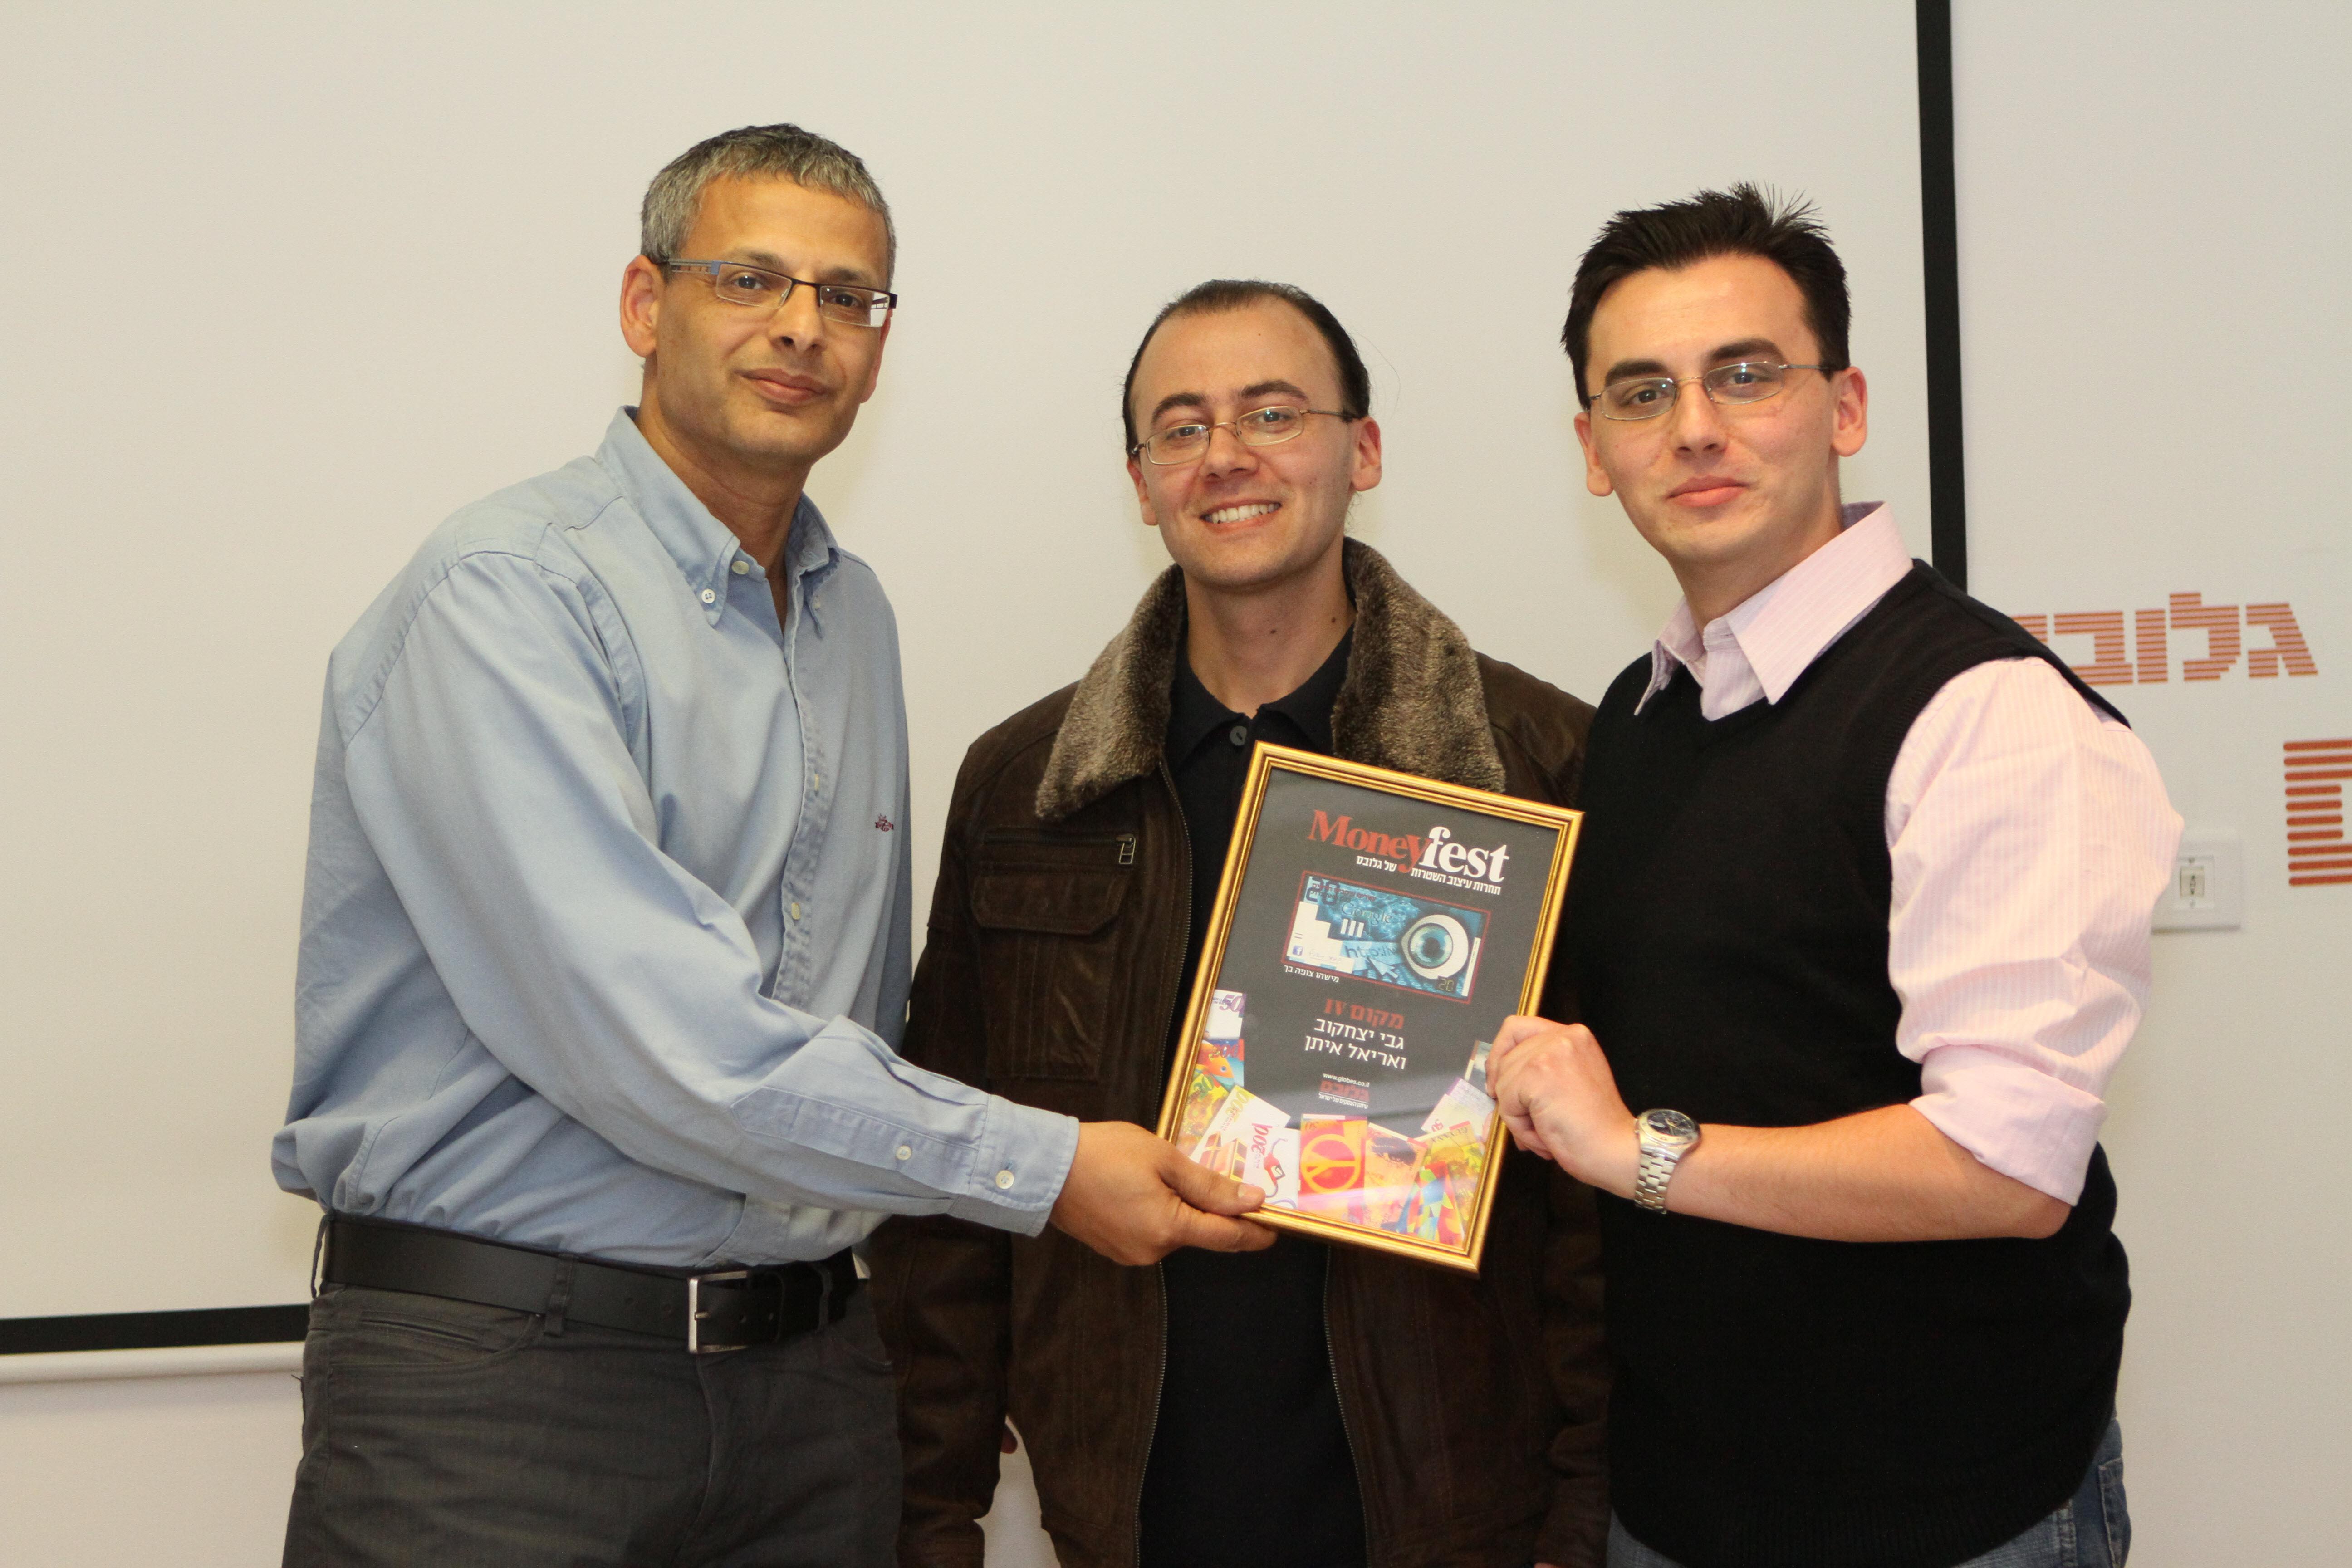 אריאל איתן וגבי יצחקוב מקבלים את הפרס